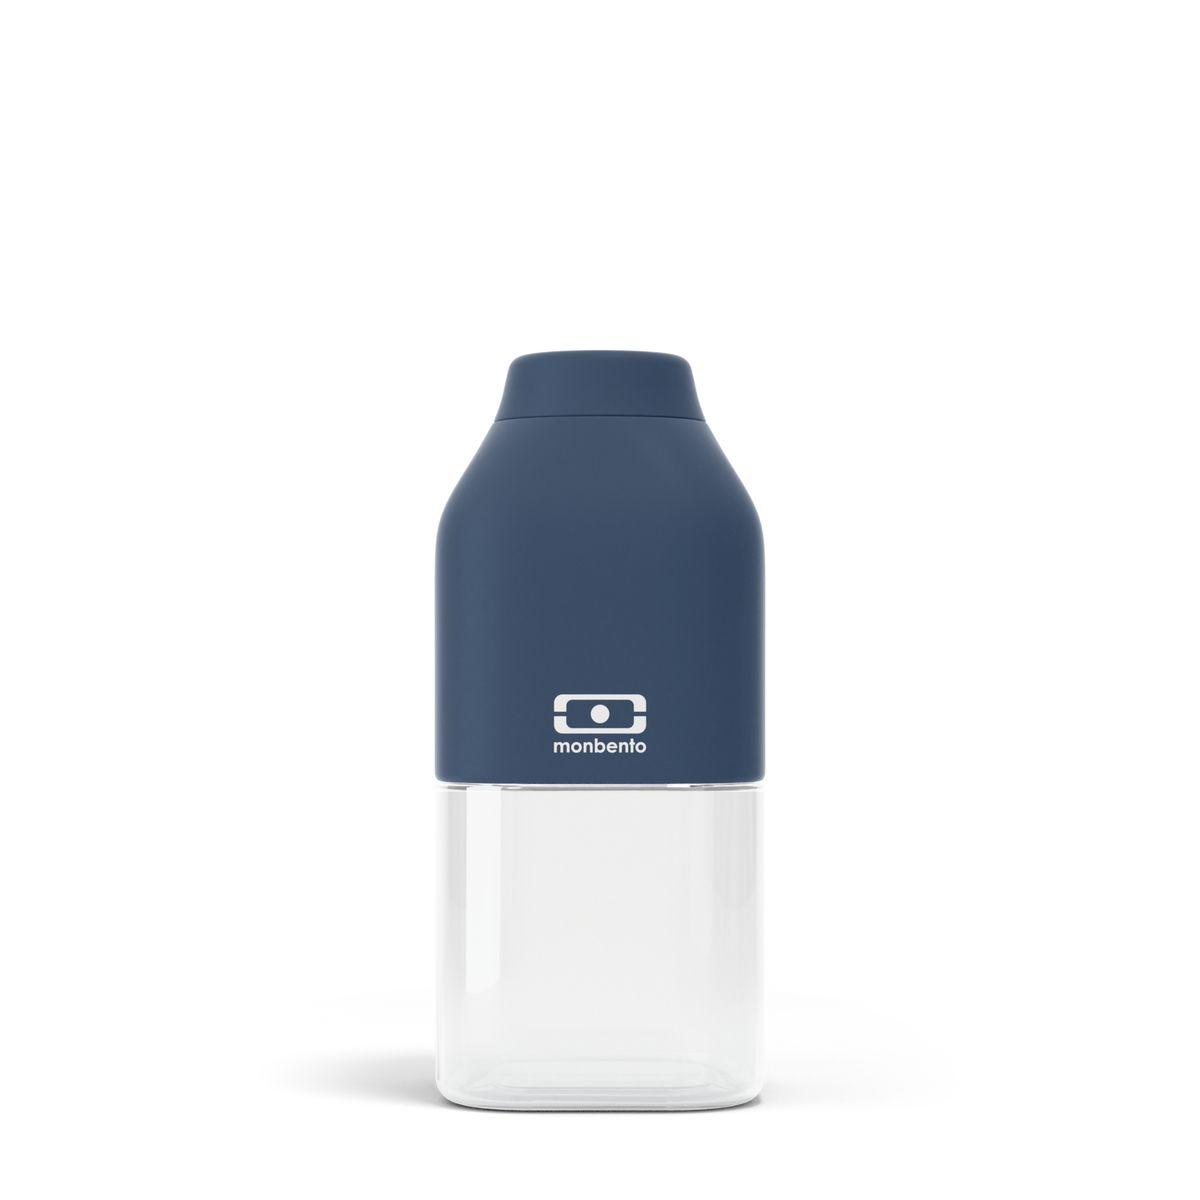 Bouteille nomade MB positive S bleu foncé 33 cl 6 x 13.7 cm - Monbento